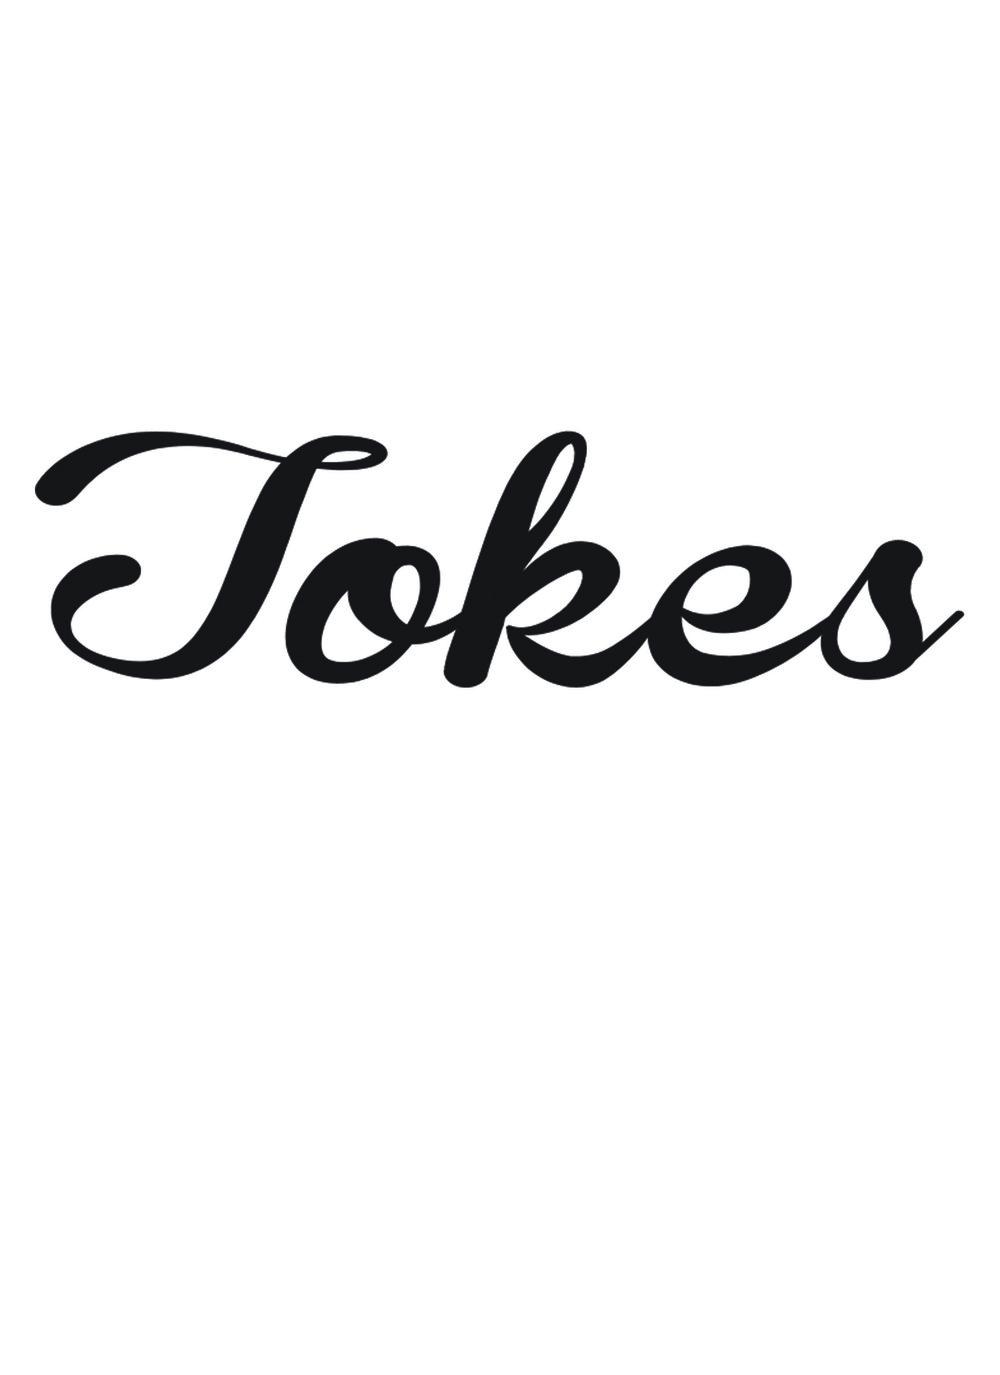 Tokes 2015